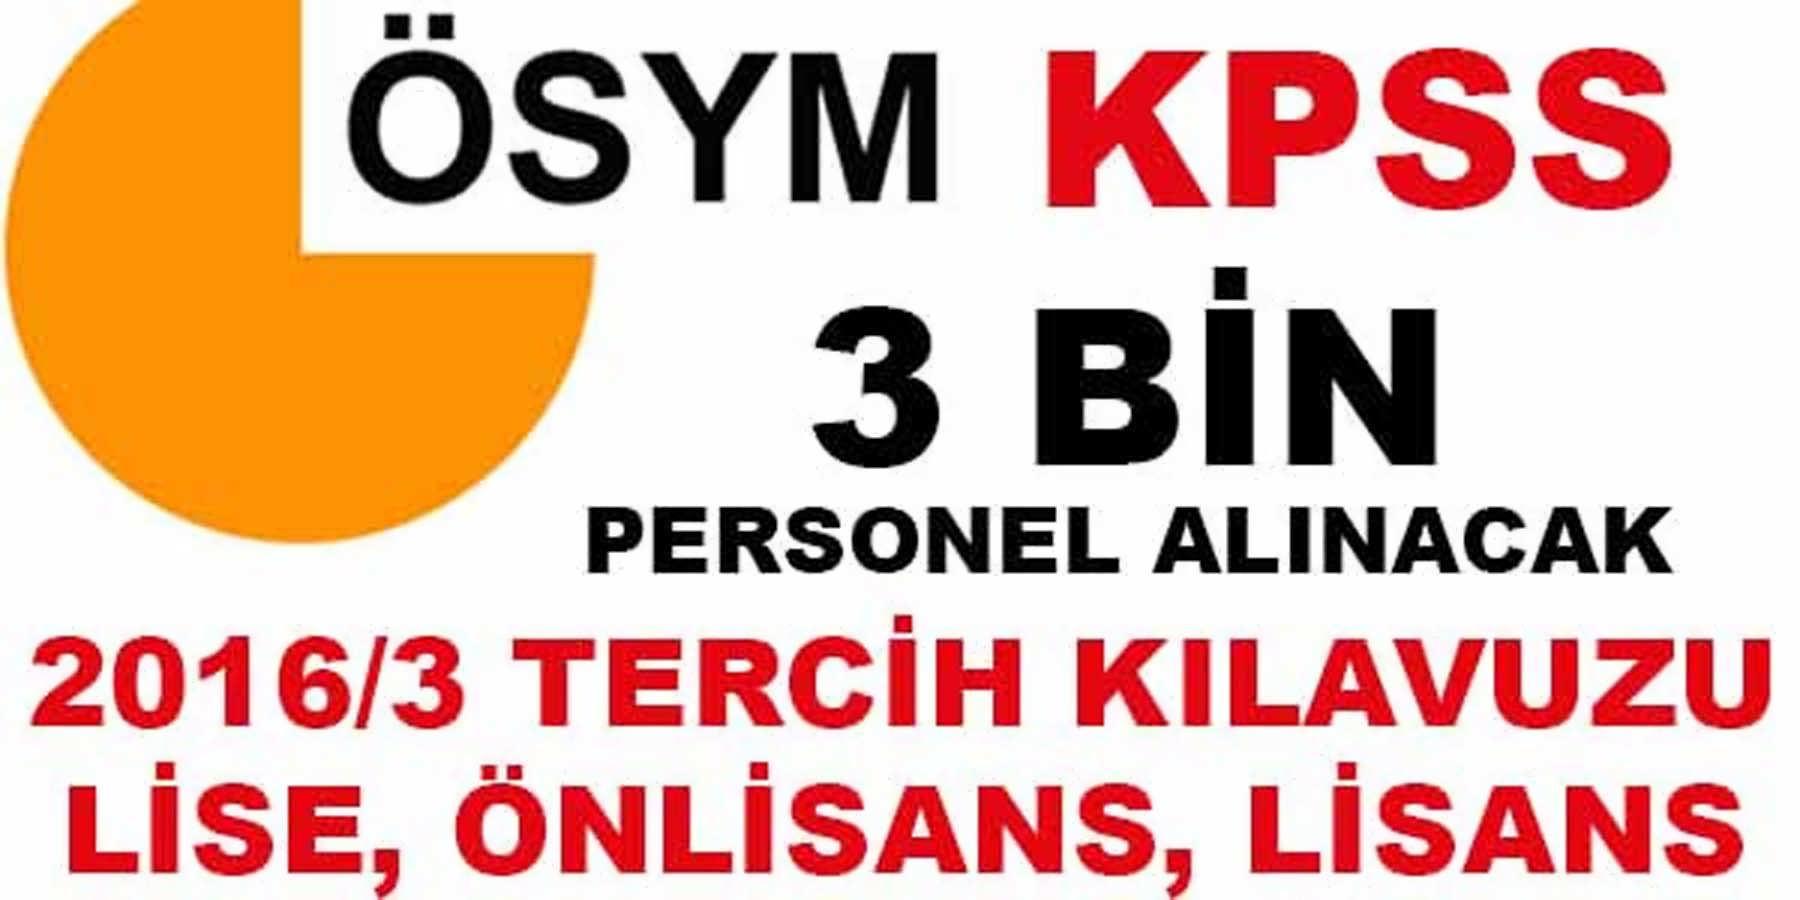 ÖSYM KPSS 2016/3 Tecihleri Alınmaya Başlıyor